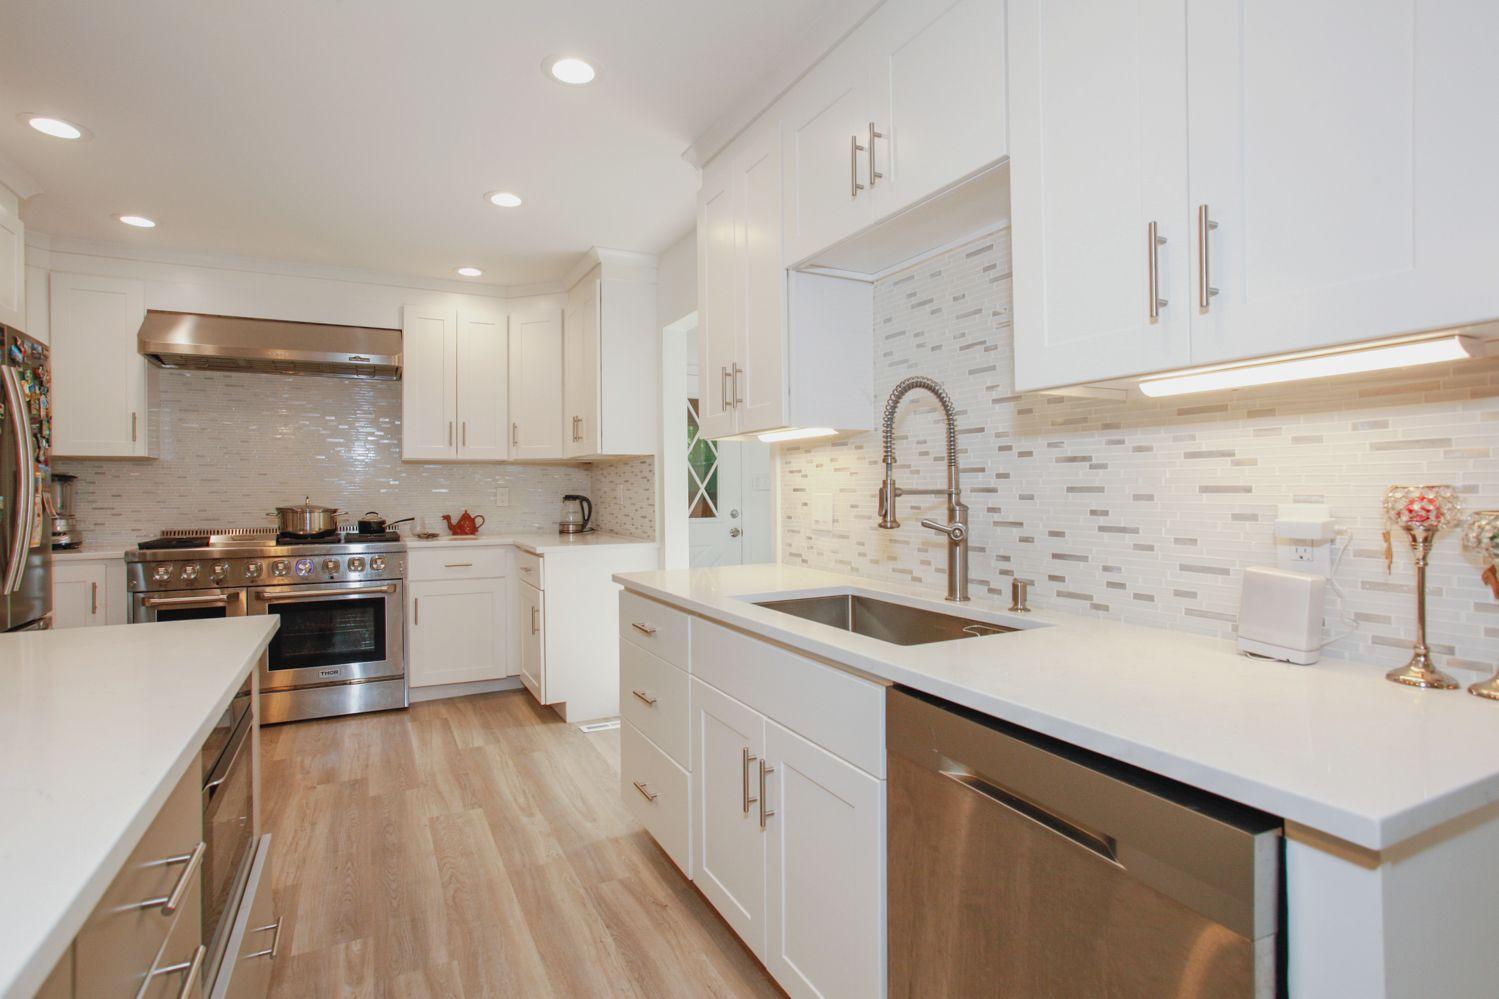 cocina blanca con electrodomésticos de acero inoxidable